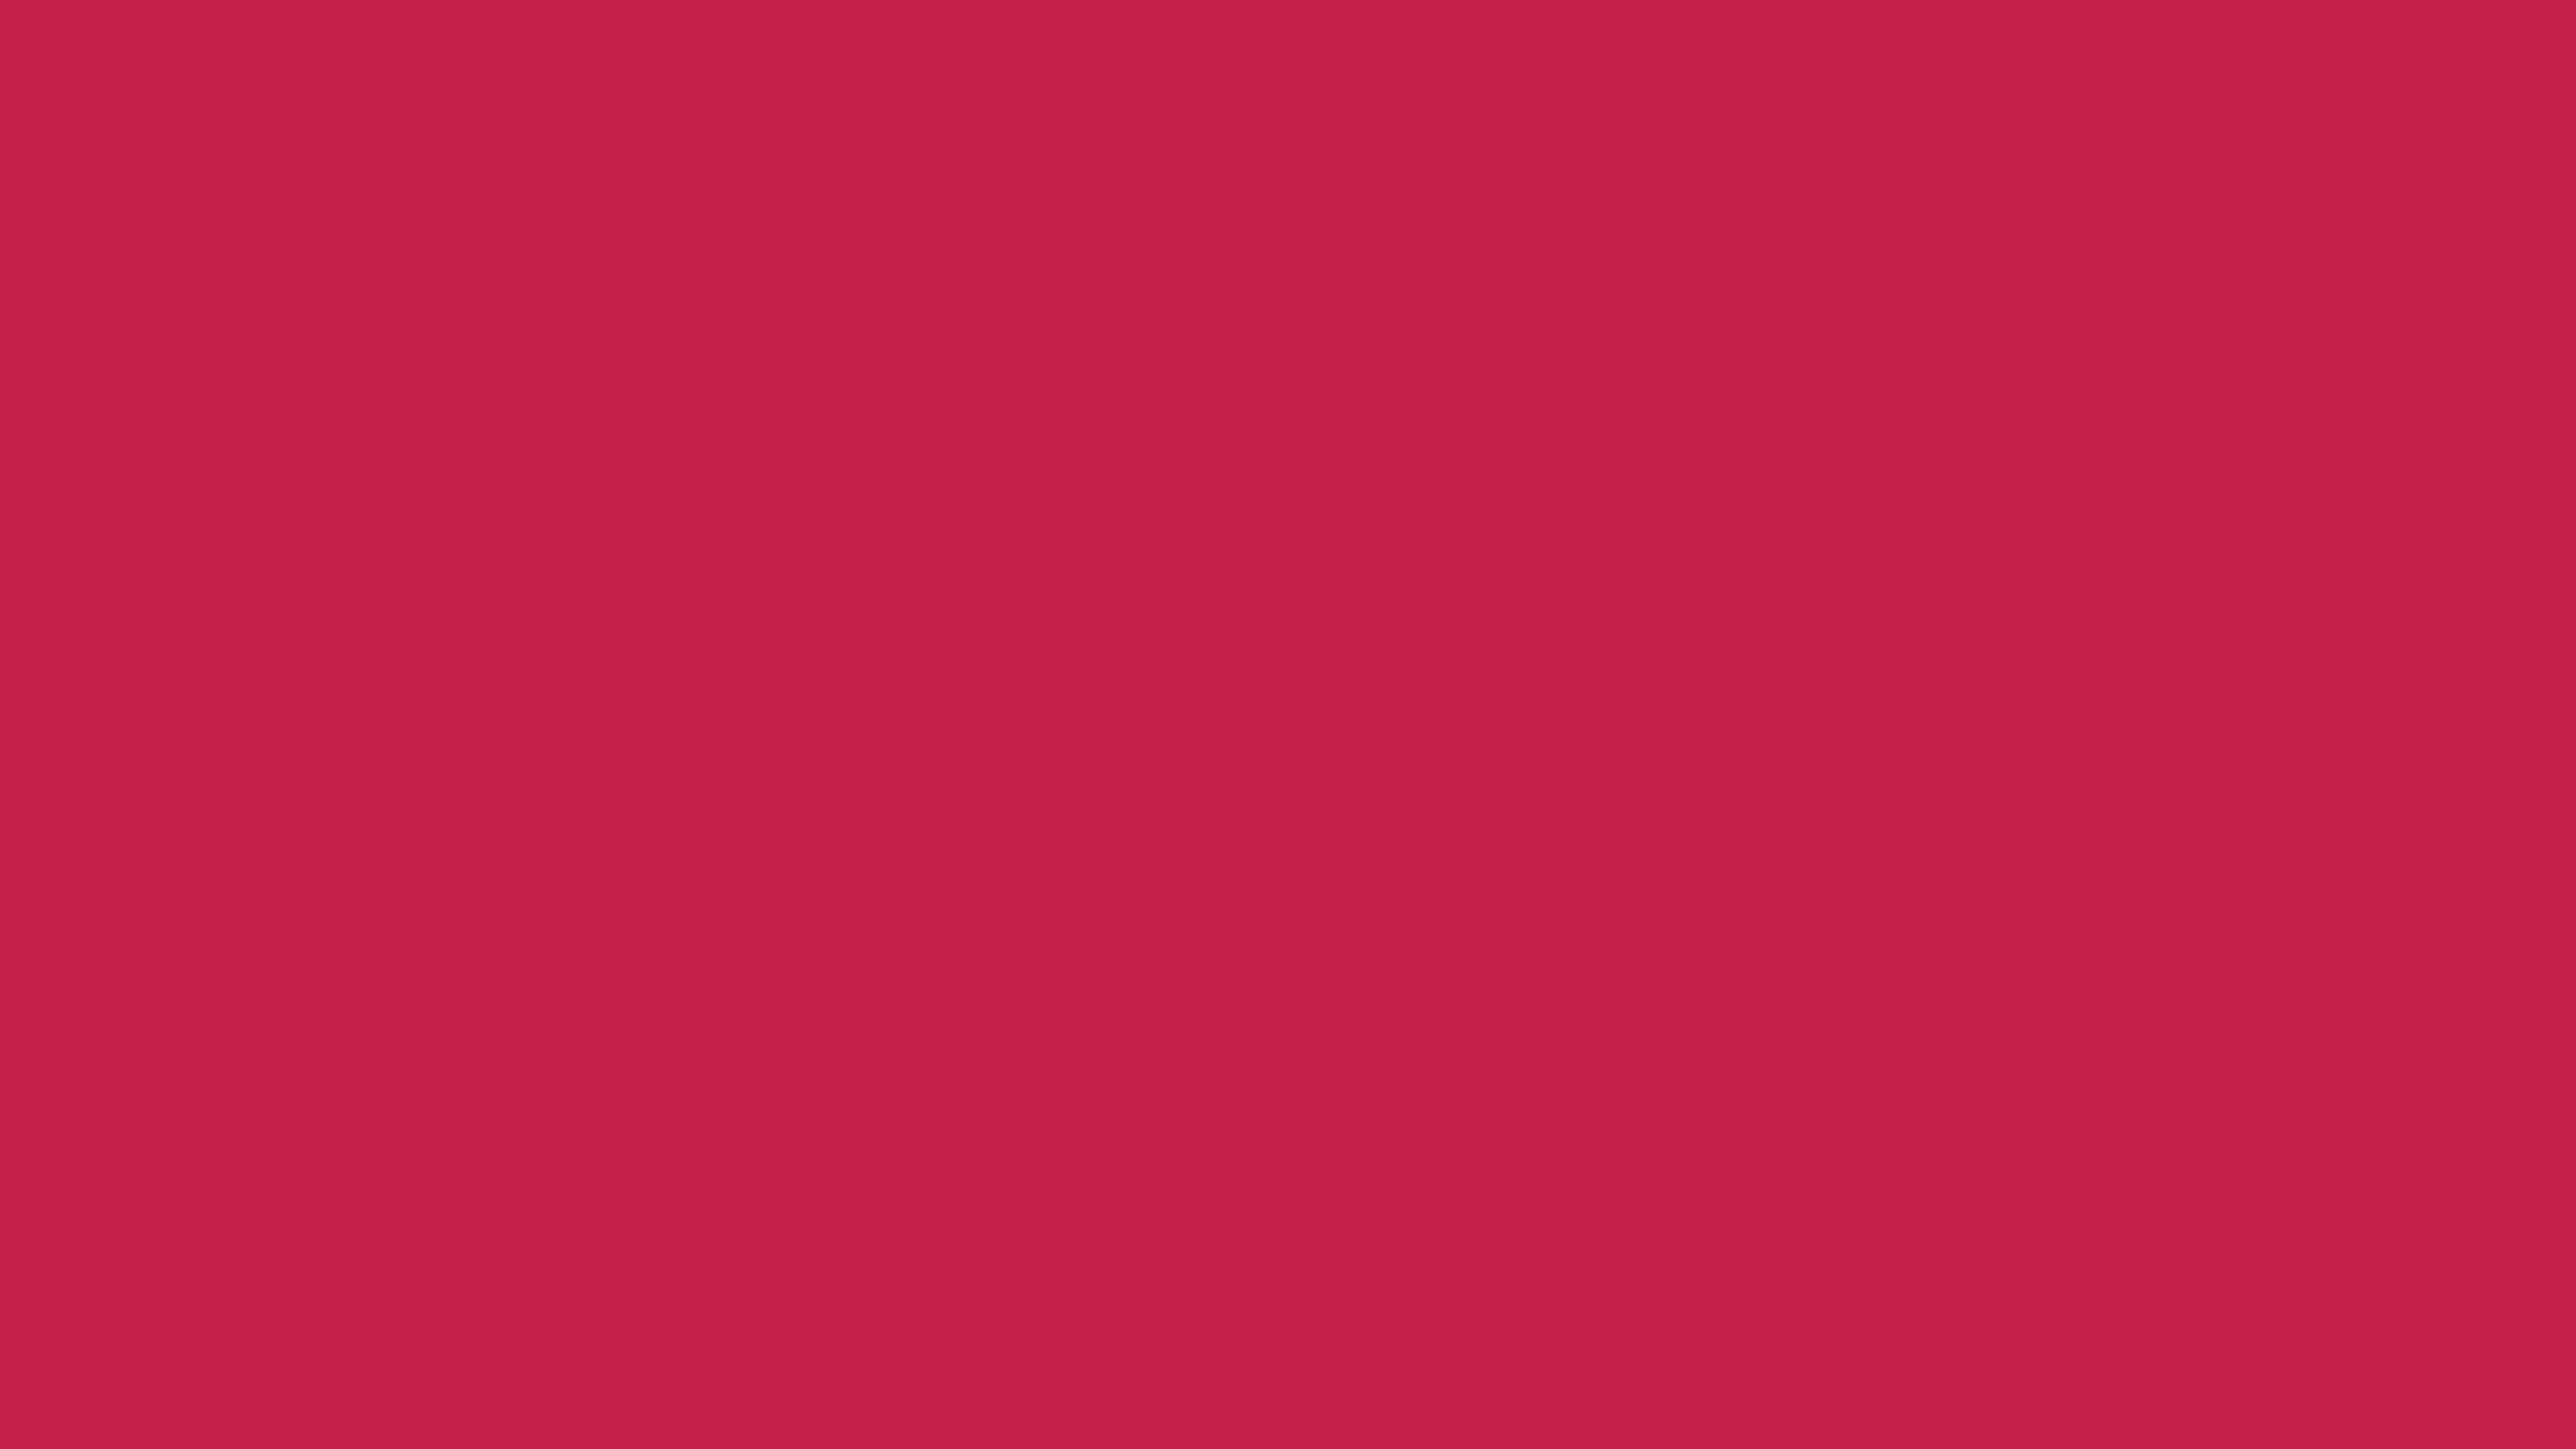 7680x4320 Maroon Crayola Solid Color Background